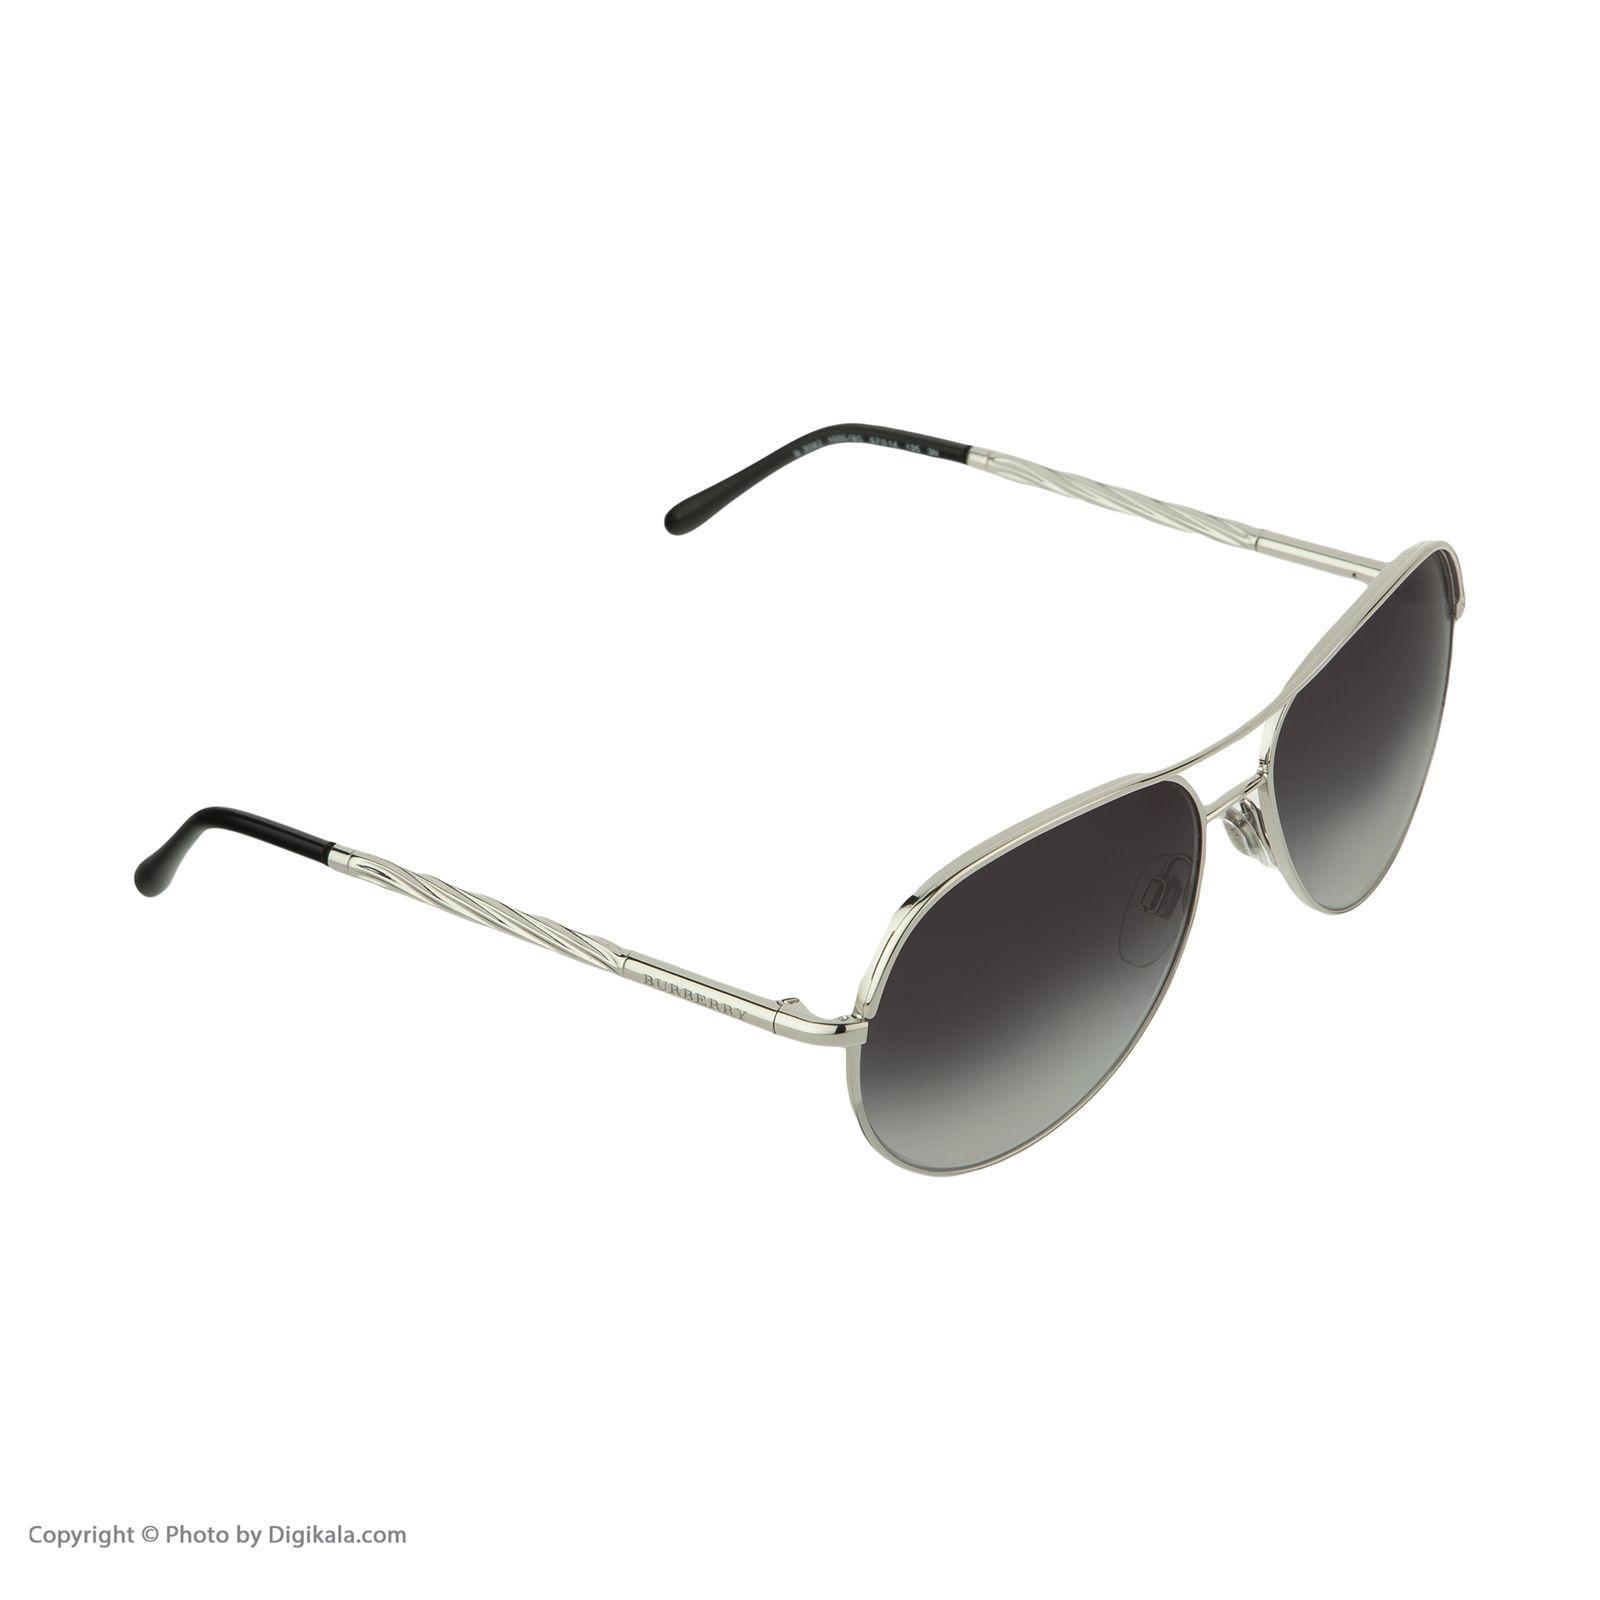 عینک آفتابی زنانه بربری مدل BE 3082S 10058G 57 -  - 5